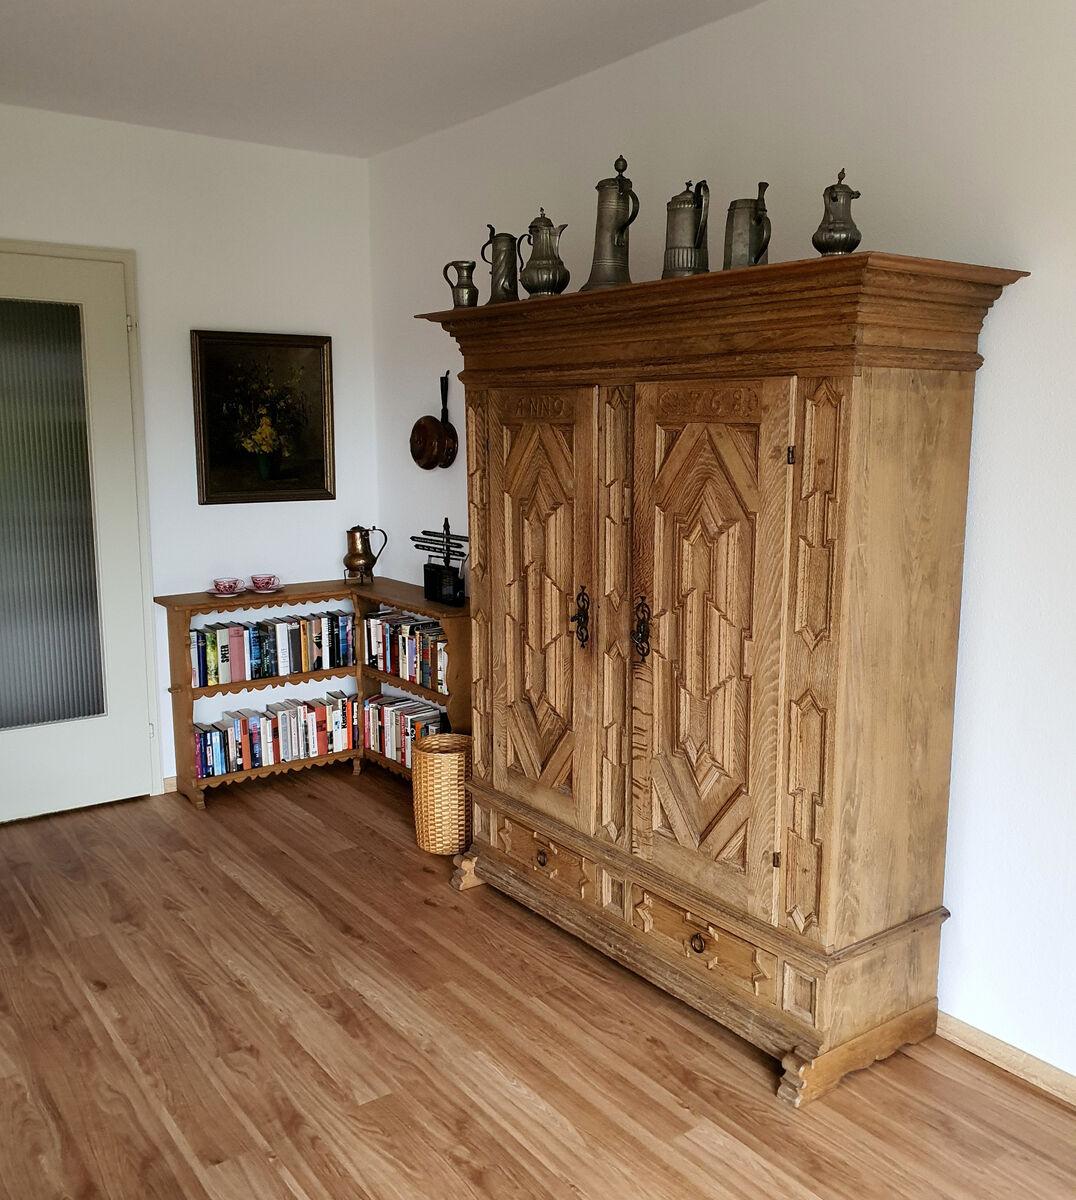 Wohnzimmerschrank:Der neue Boden ist da!